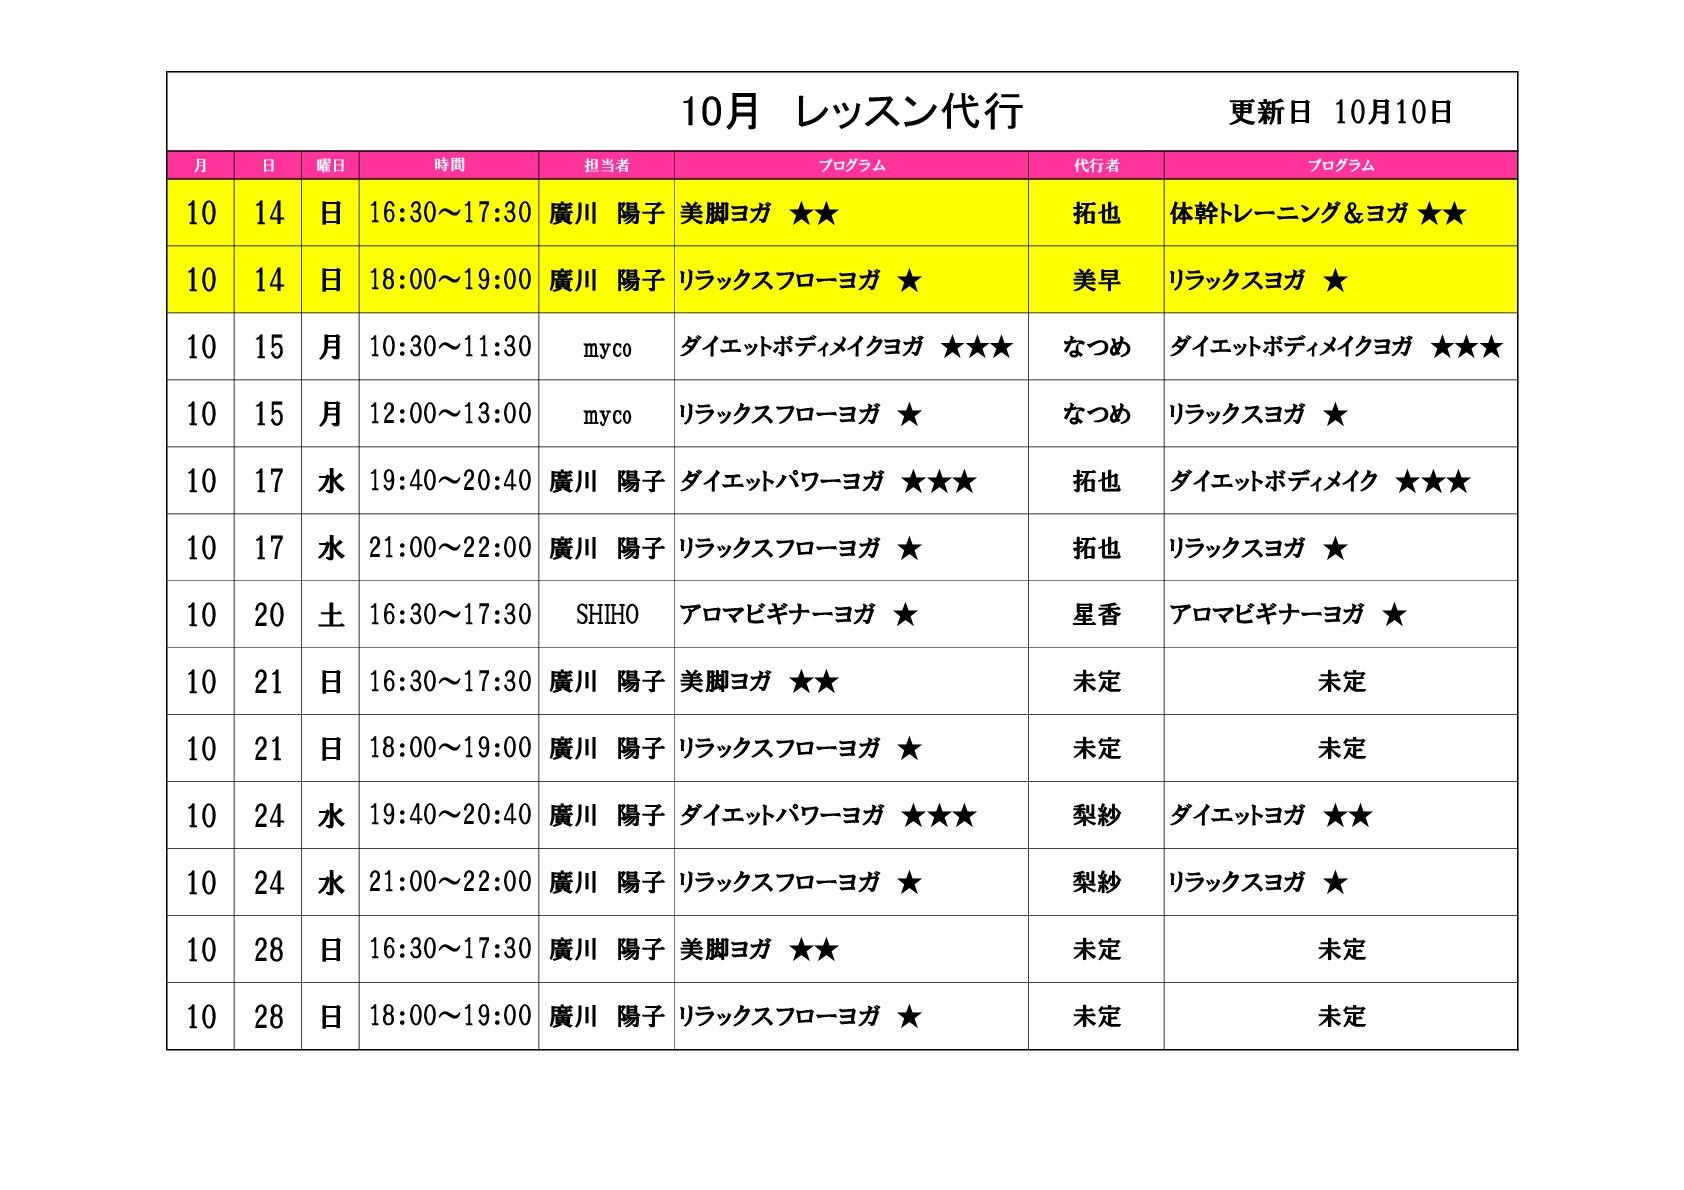 180829 代行表【カルド草津滋賀】-001 (6)